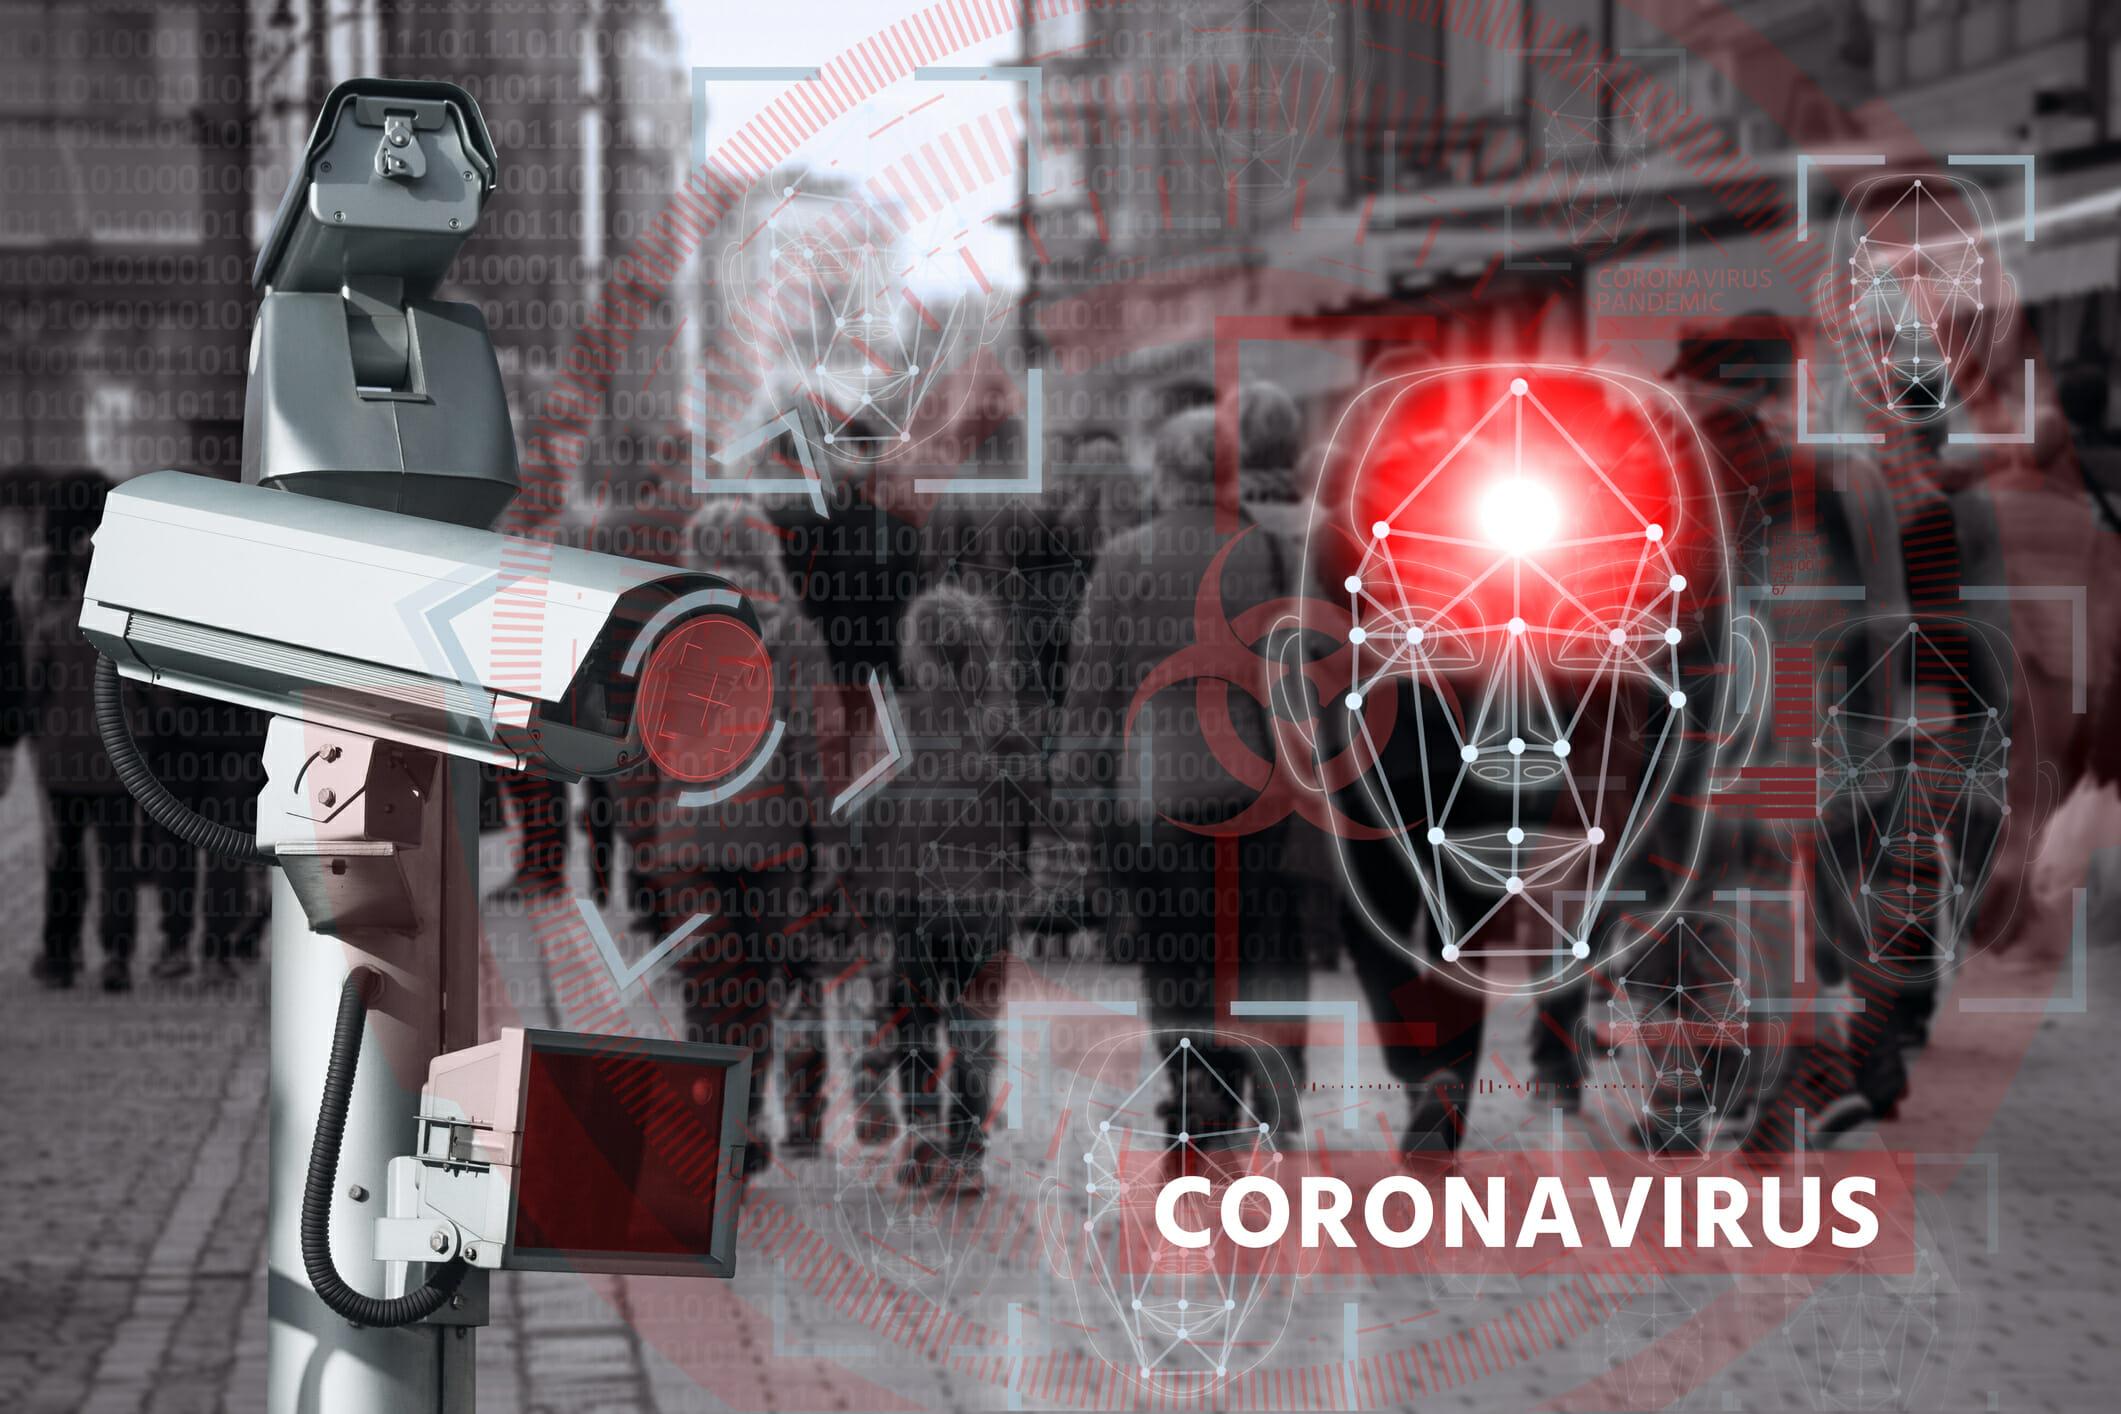 コロナウイルスに関係する顔認証システムの写真